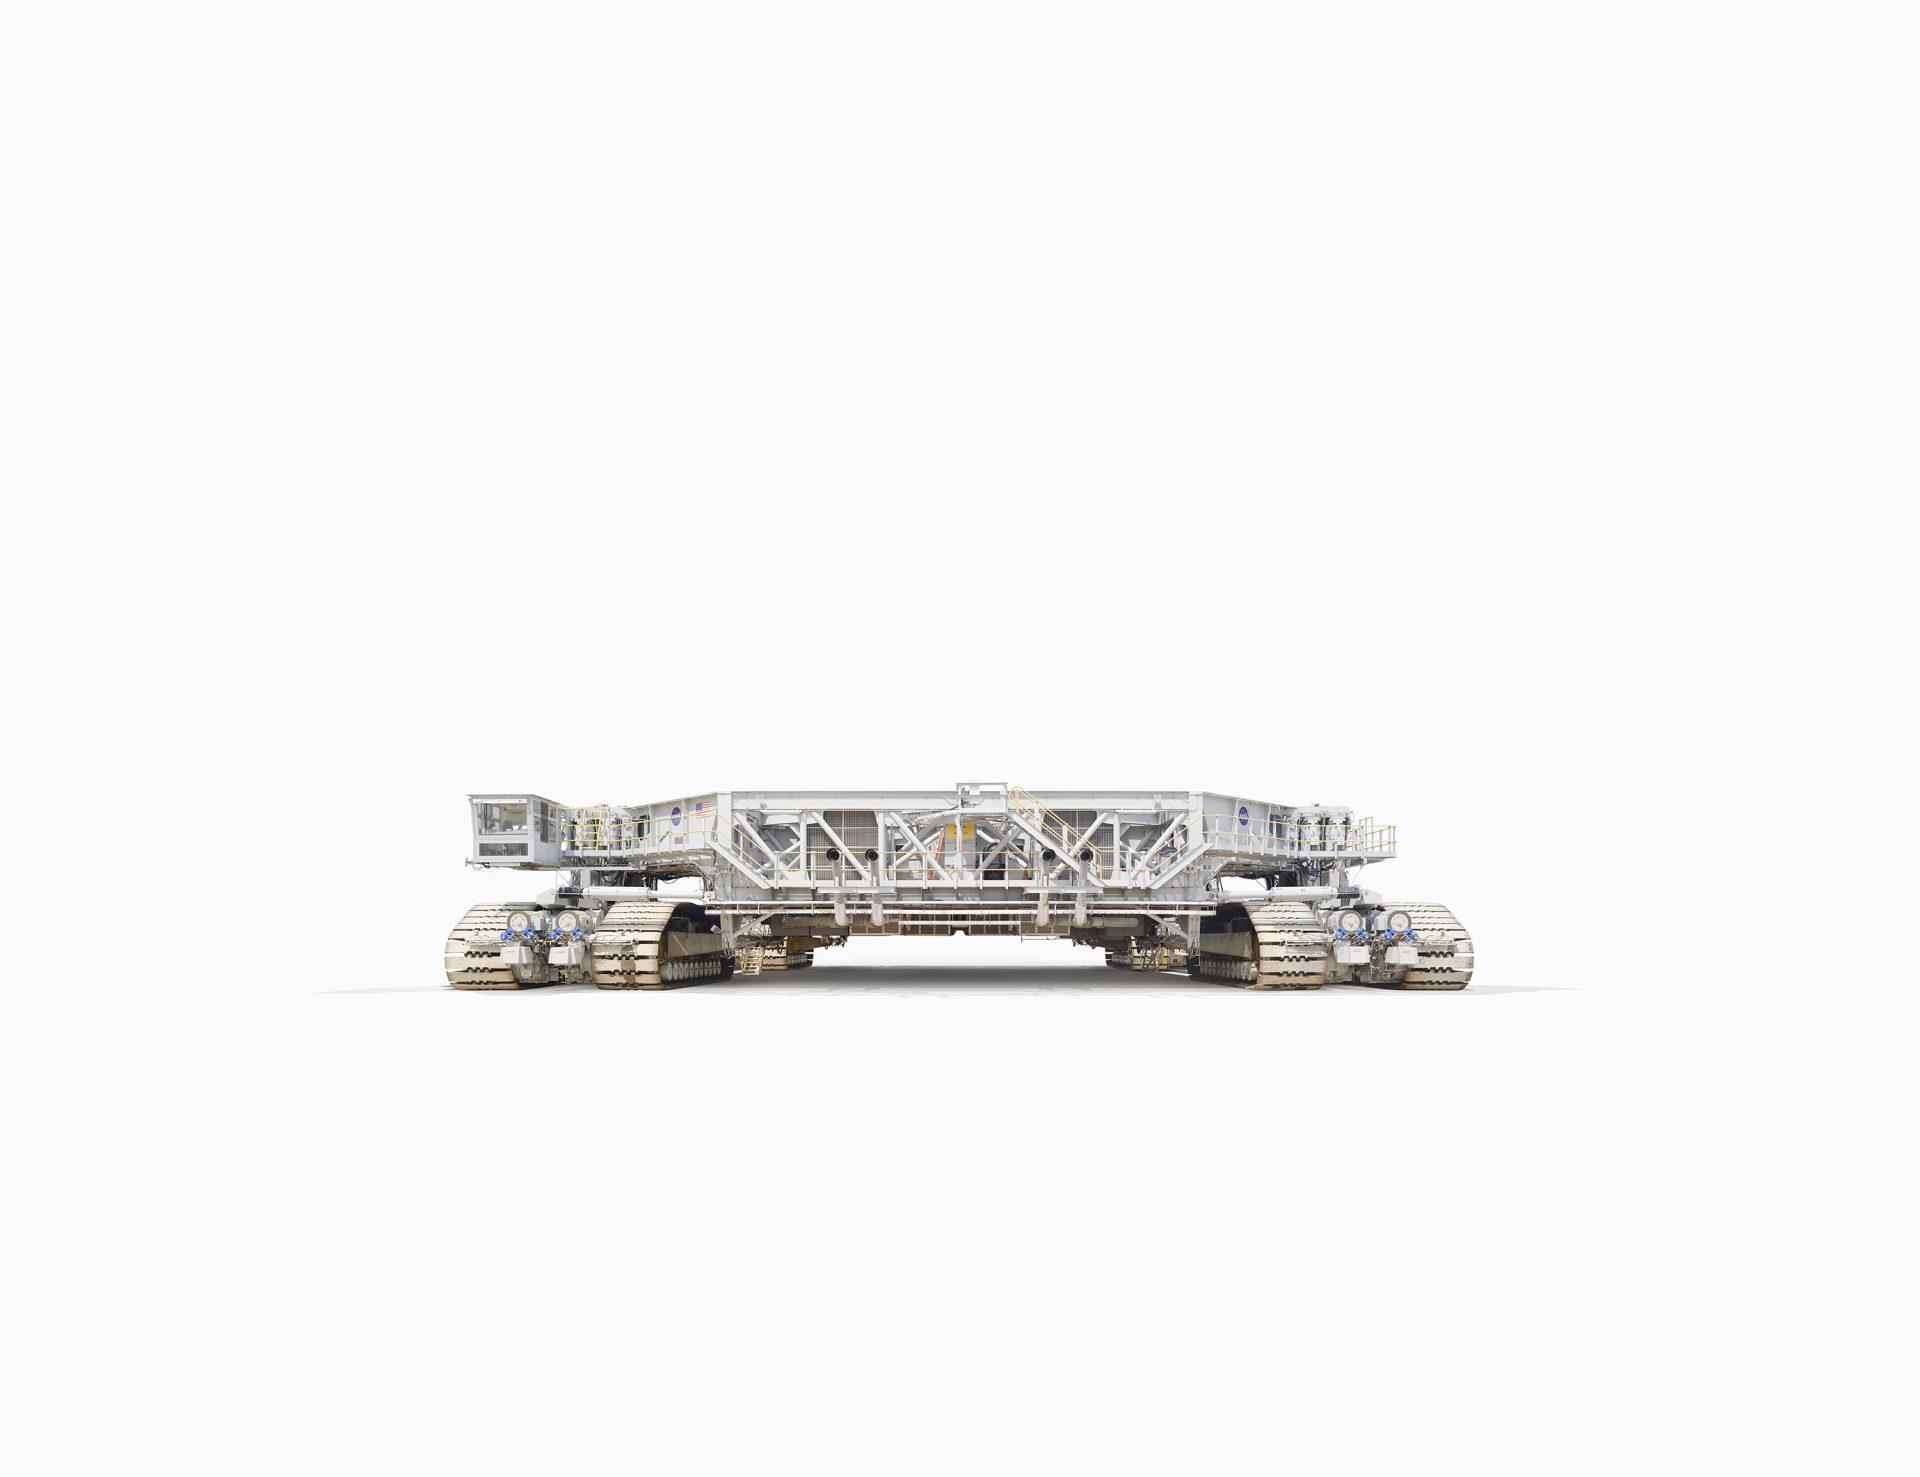 nasa-jouet-benedict-redgrove-06